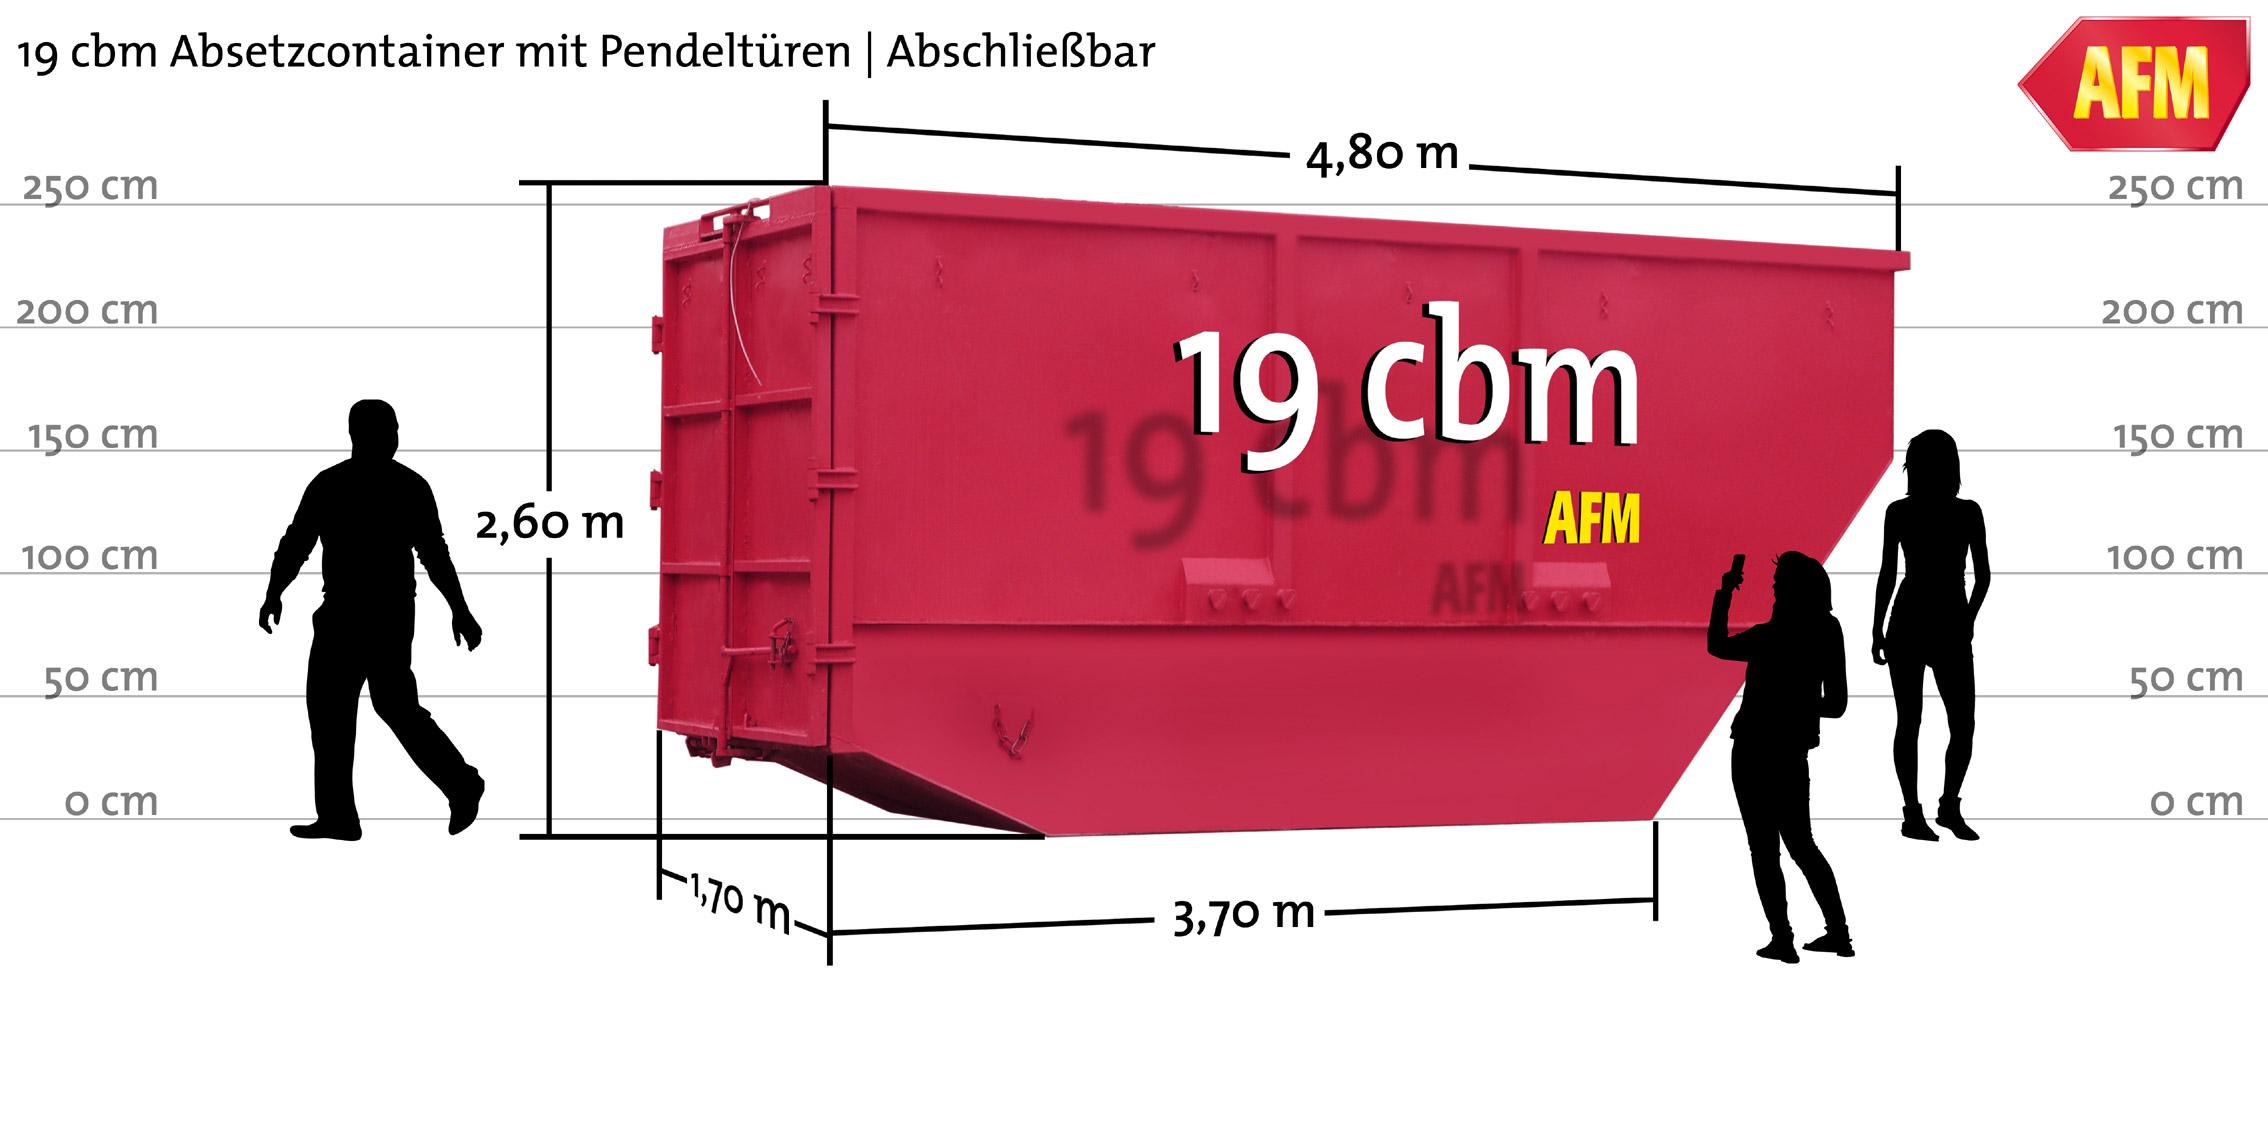 Absetz-Container mit Pendeltüren 19cbm